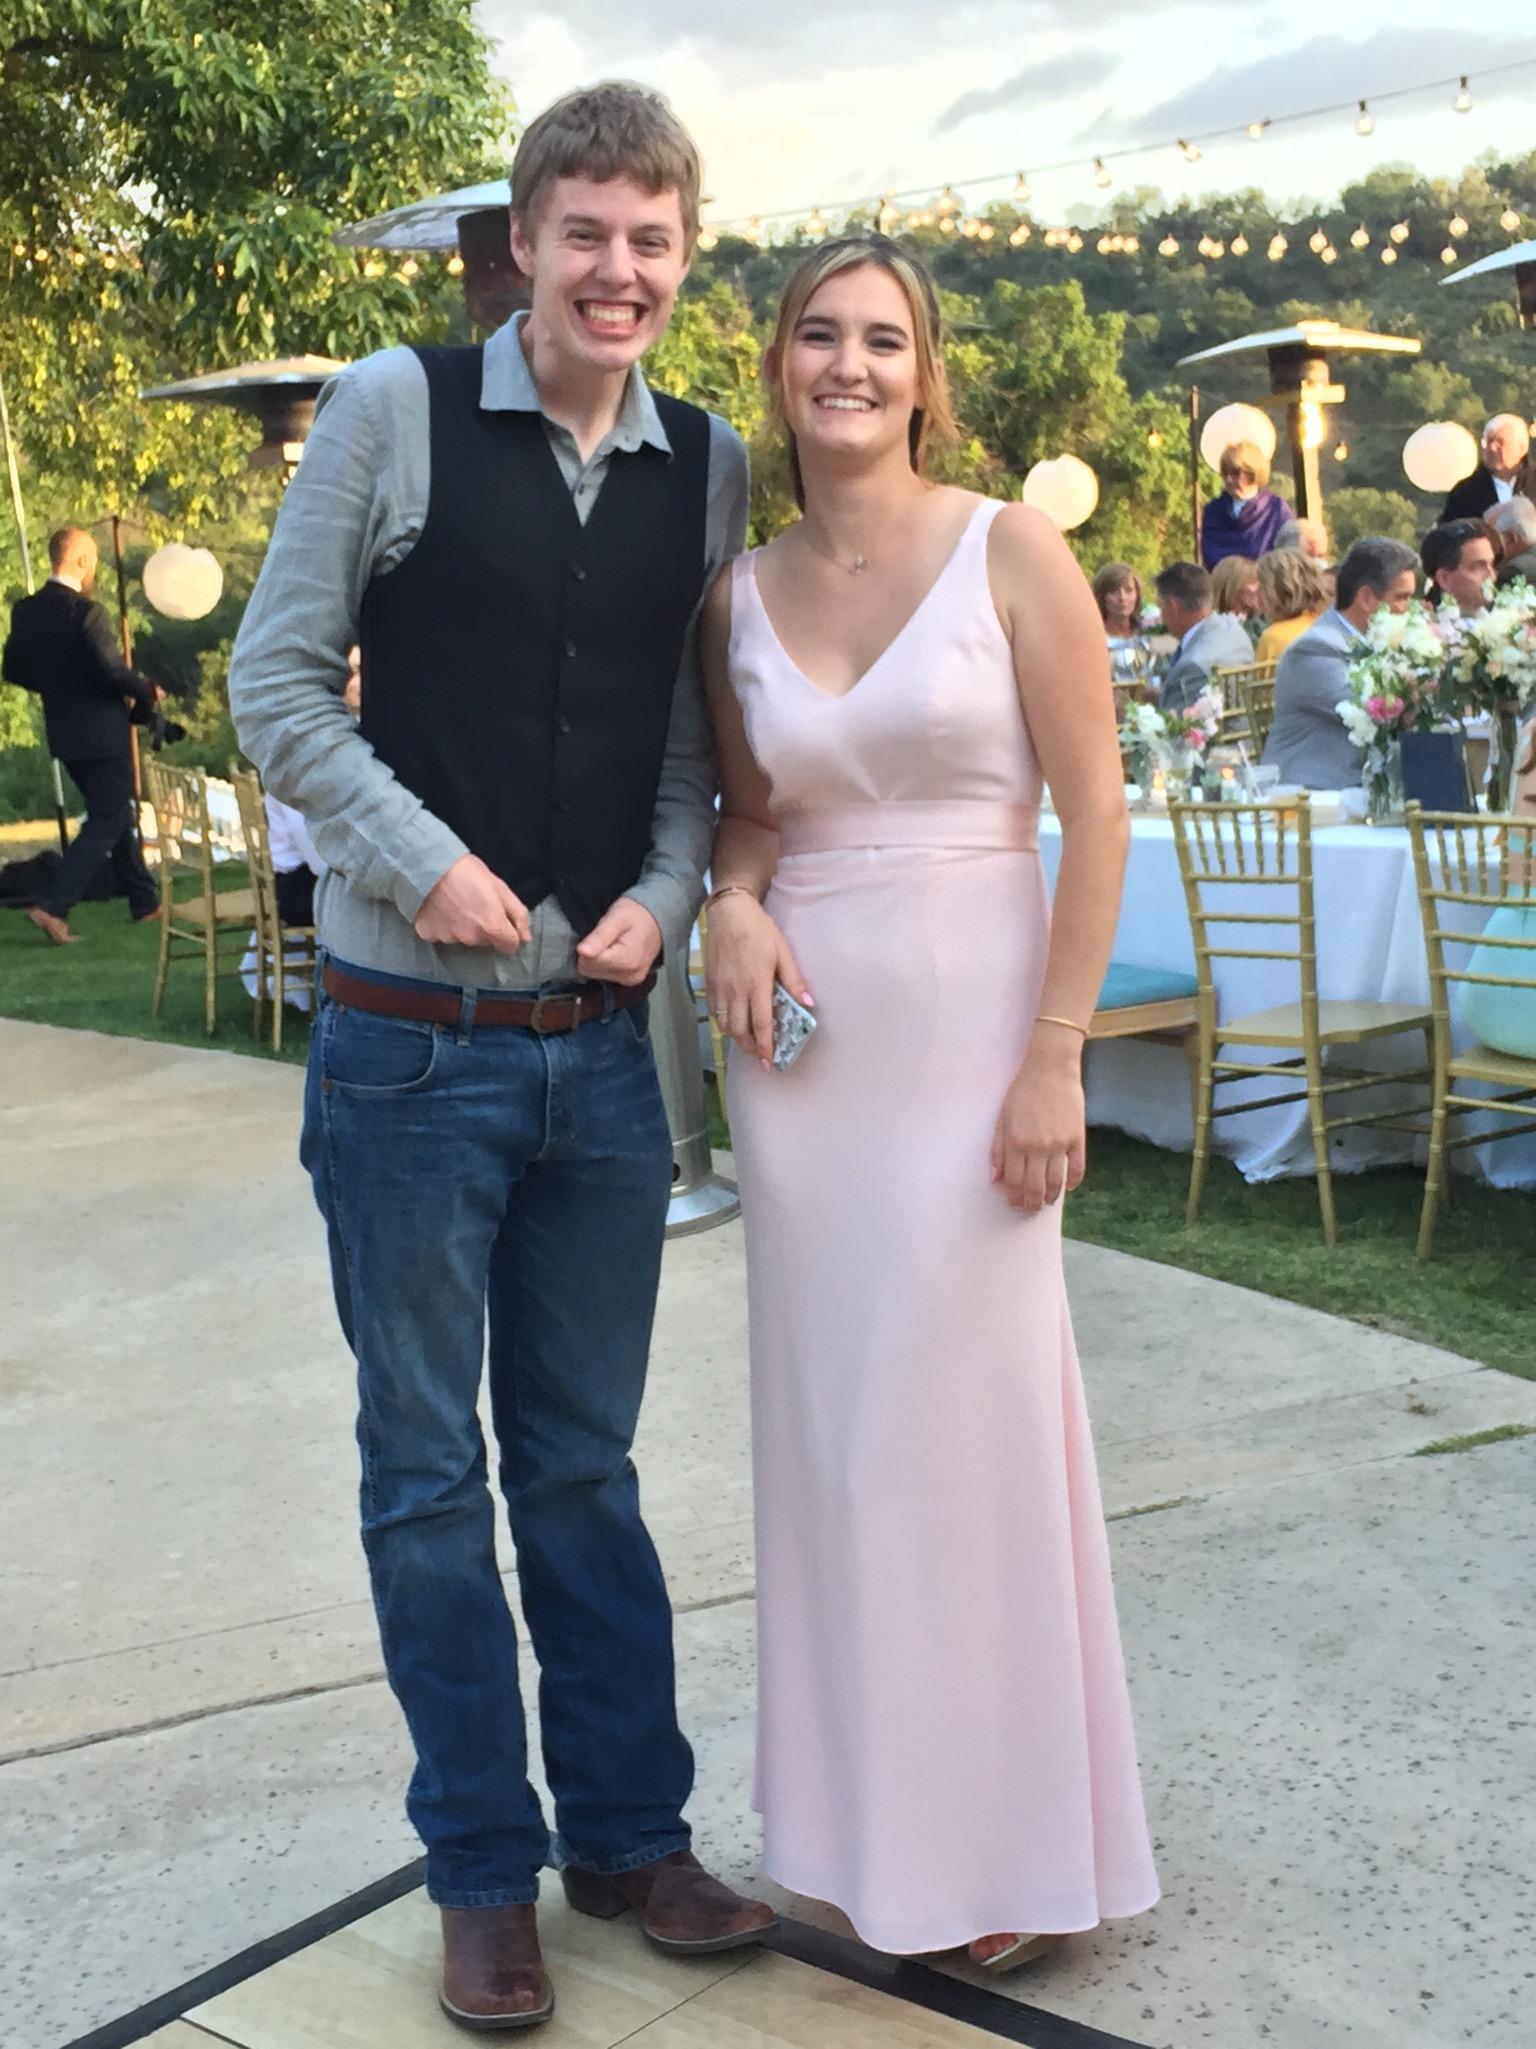 Tori and Matt